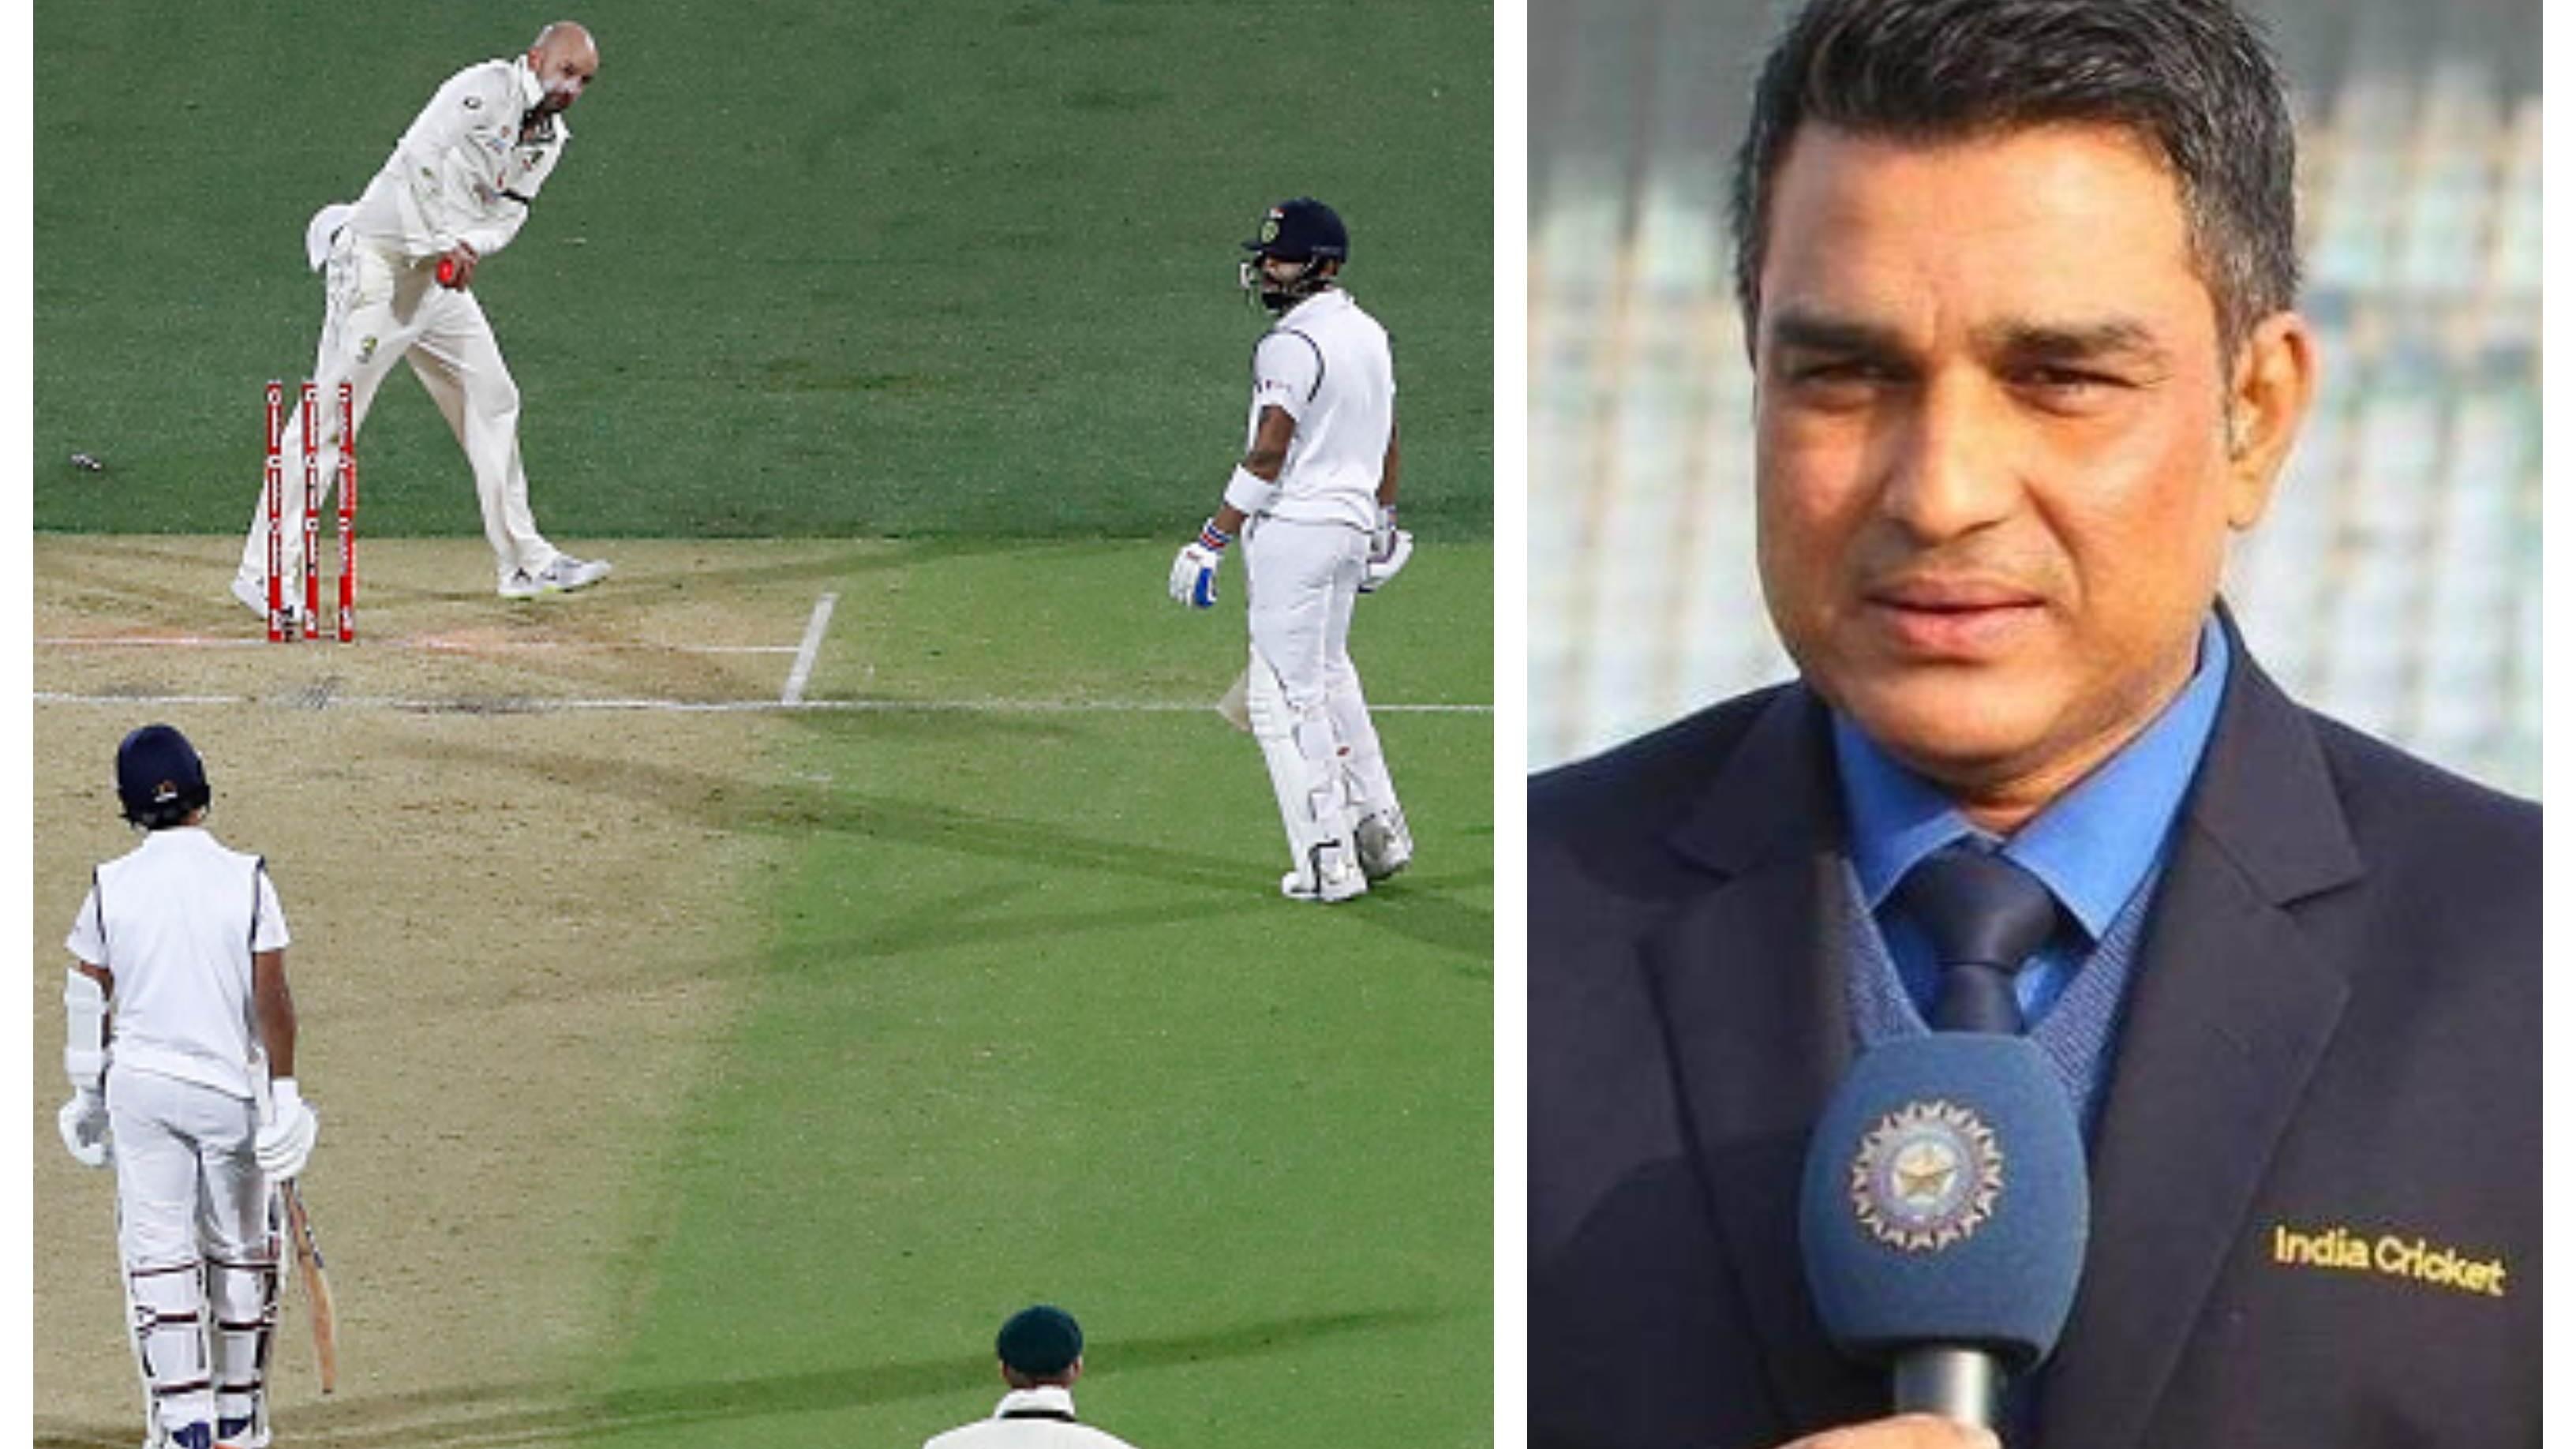 AUS v IND 2020-21: 'I was amazed that Virat Kohli kept his composure', Manjrekar on Indian captain's run-out